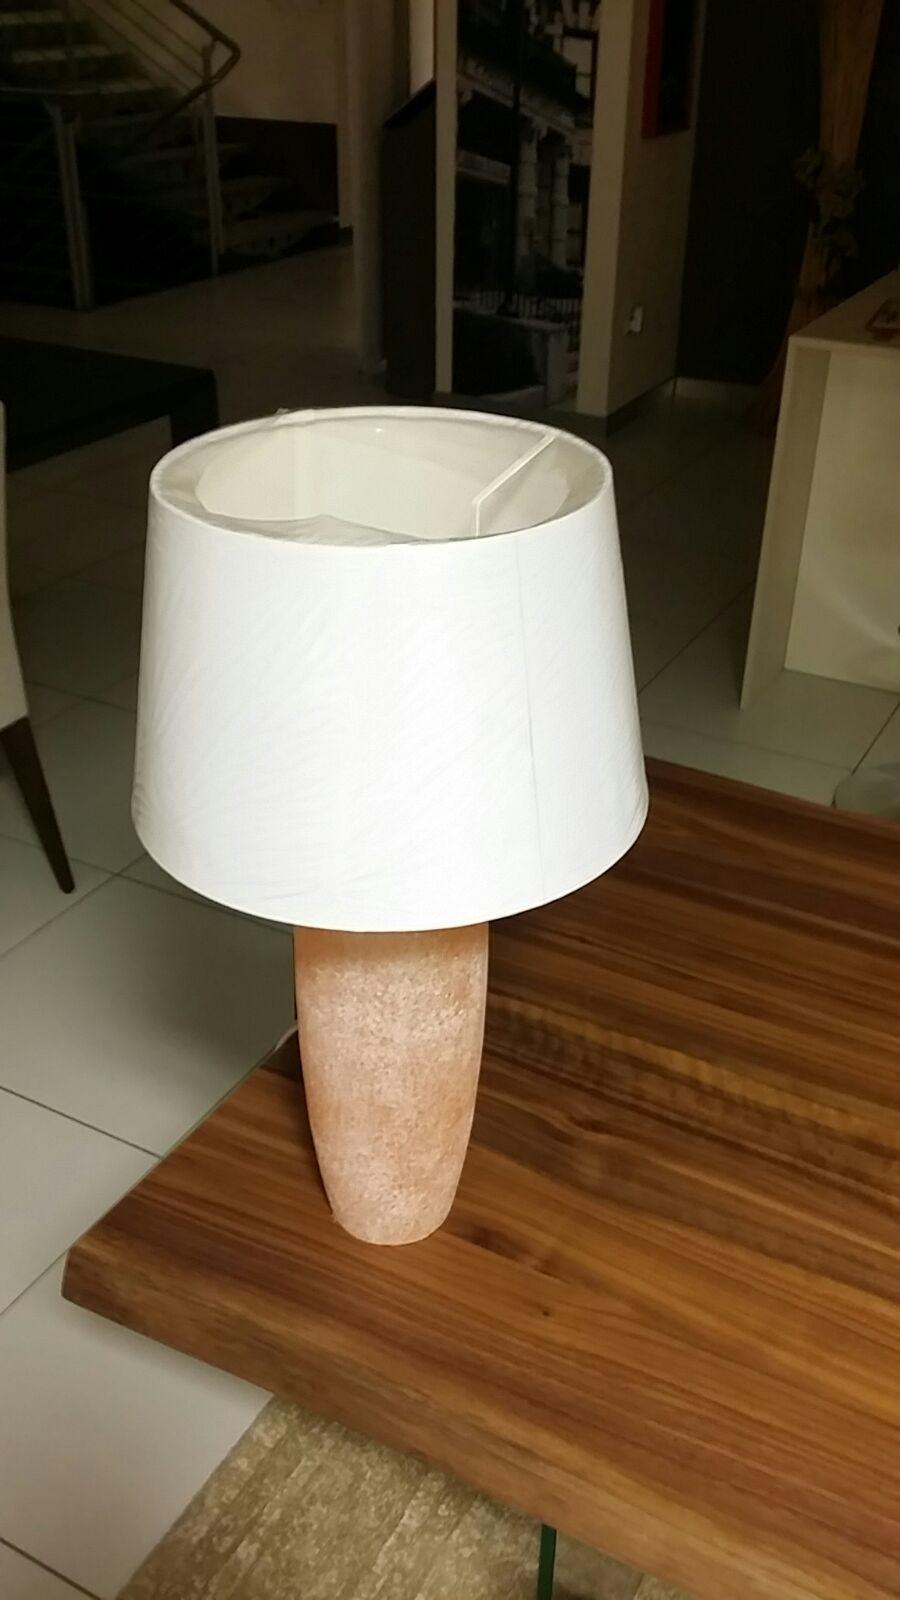 Offerta lampada da tavolo interni luce dream illuminazione a prezzi scontati for Luce da tavolo